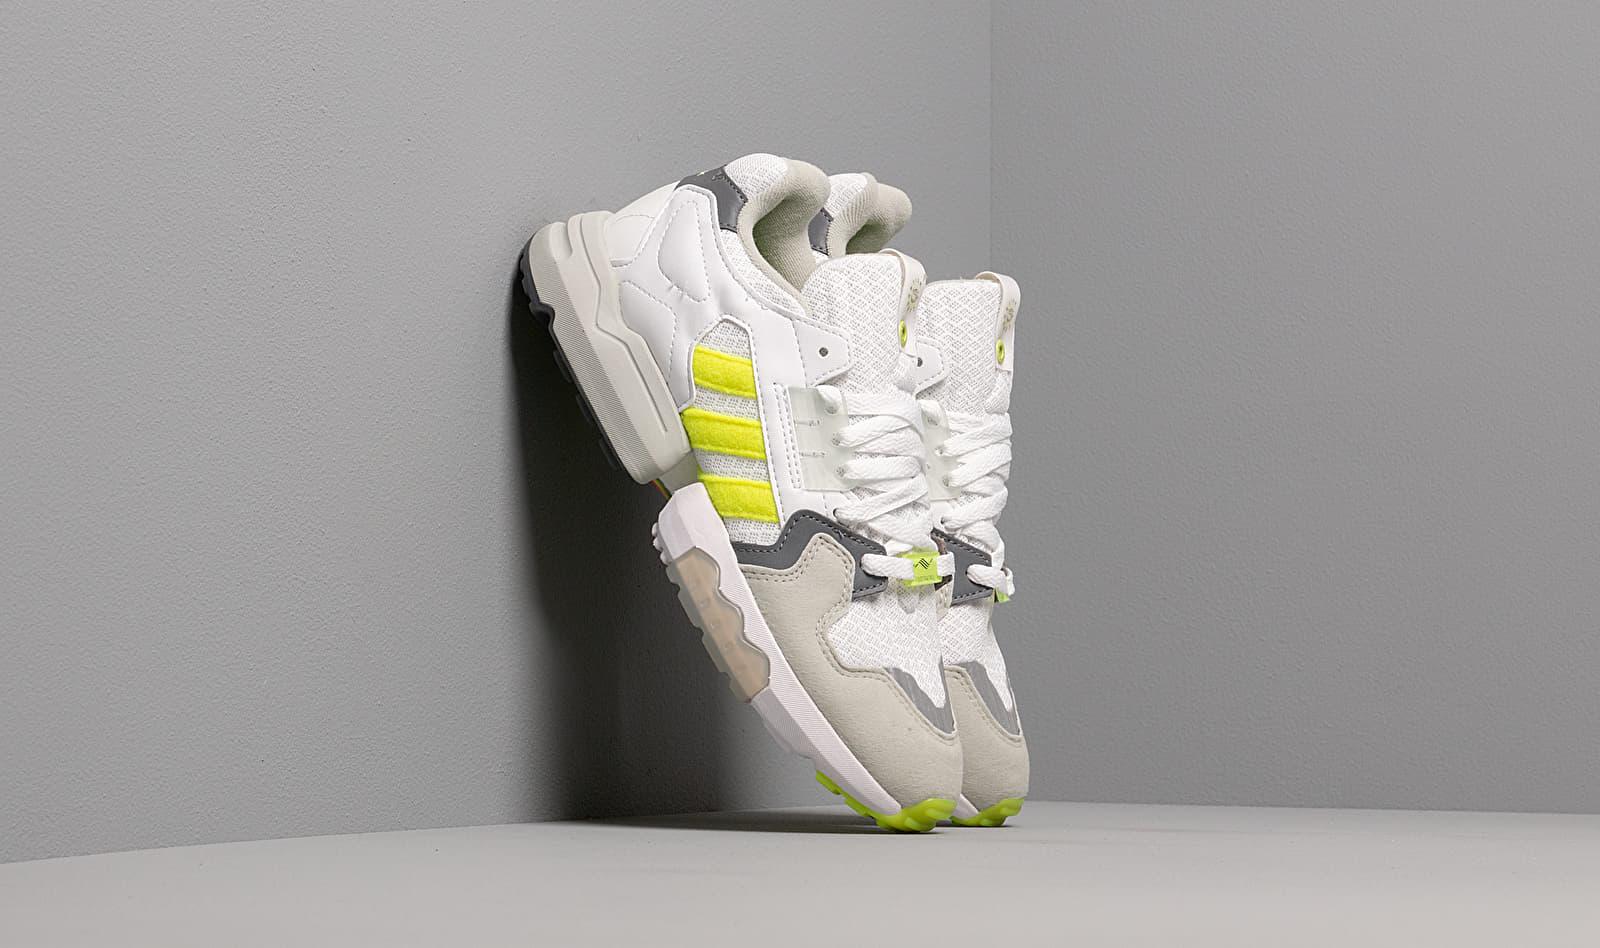 adidas Consortium x Footpatrol ZX Torsion Ftwr White/ Solar Yellow/ Ash Grey S18 EF7681